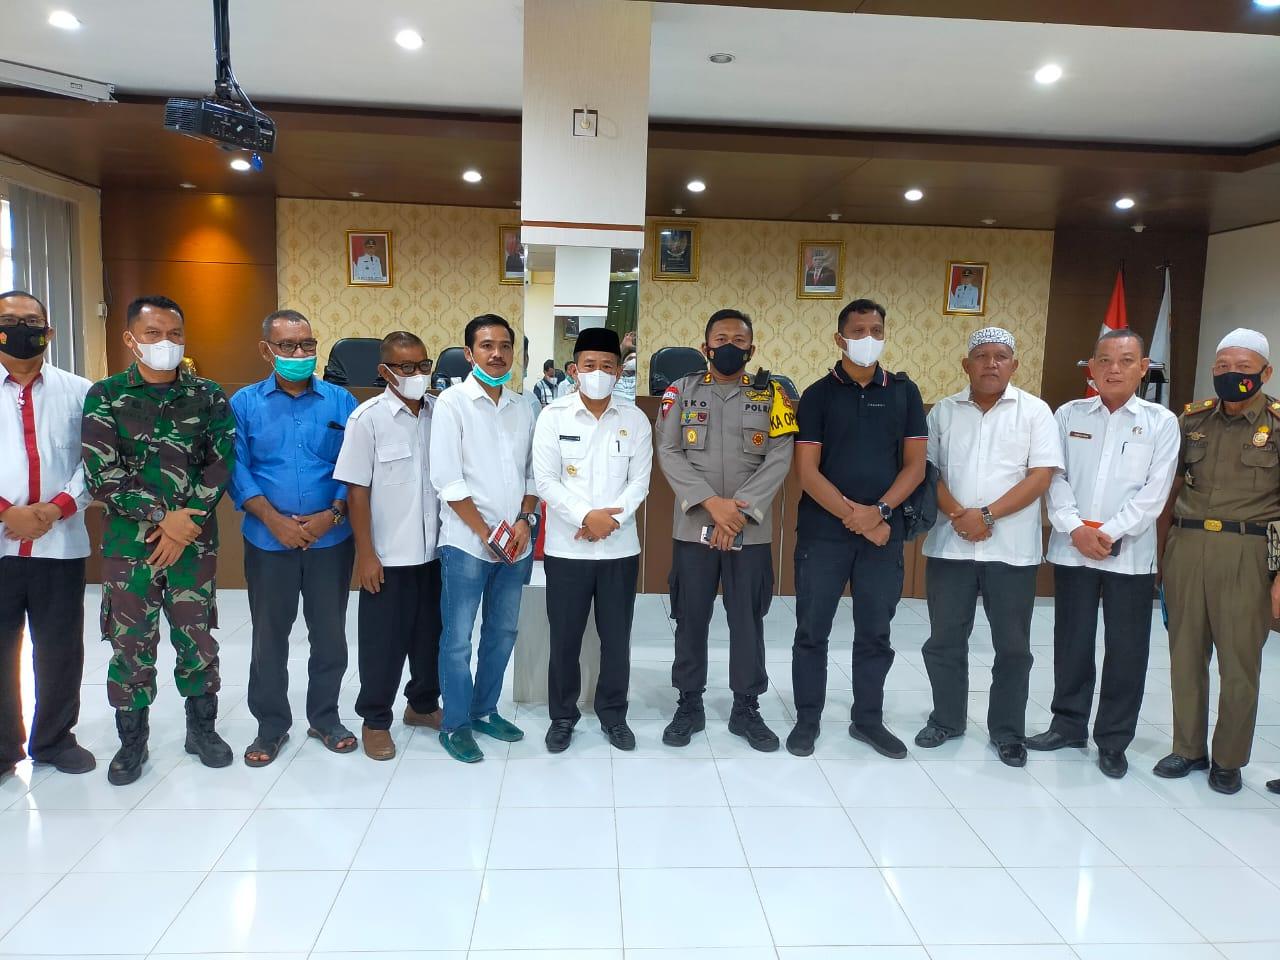 Wabup Inayatullah Kapolres Muratara AKBP Eko Sumaryanto, perwakilan Kodim 0406/MLM, Sekda saat rakor bersama Komunitas musisi dan pelaku Usaha jasa Musik. (Poto/ari)